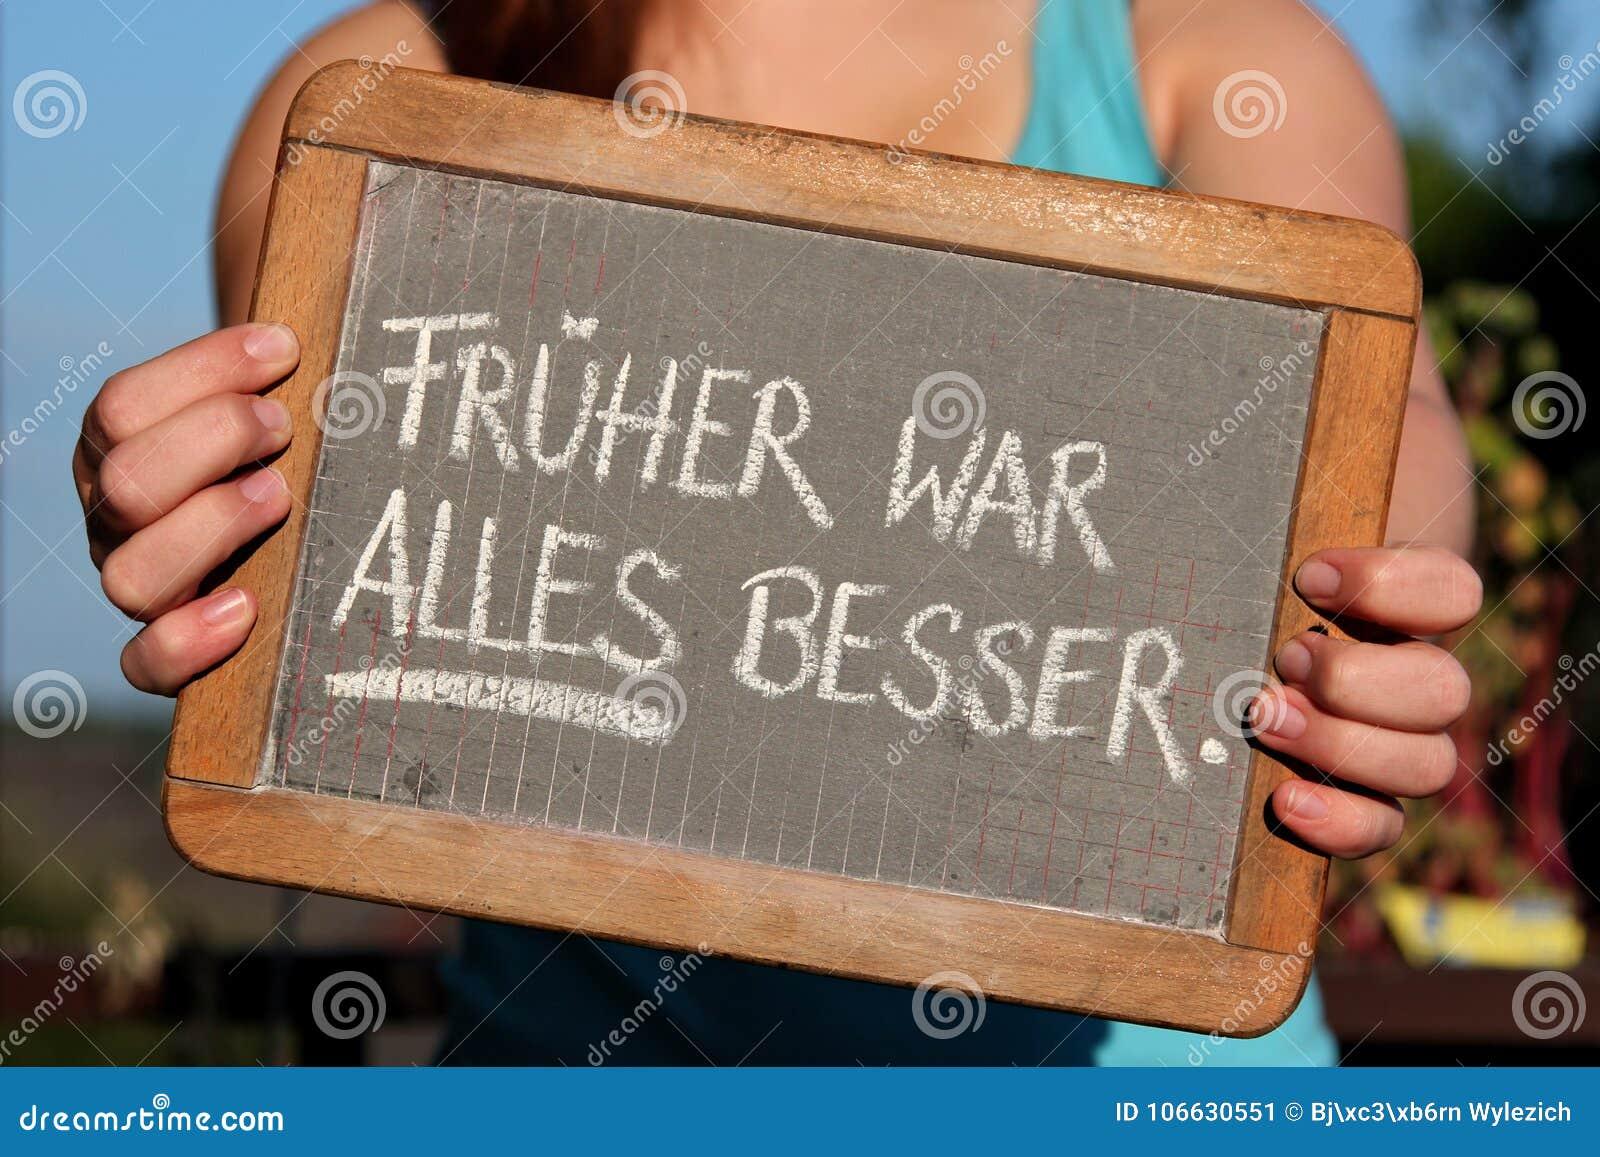 Deutsche Können Alles Besser